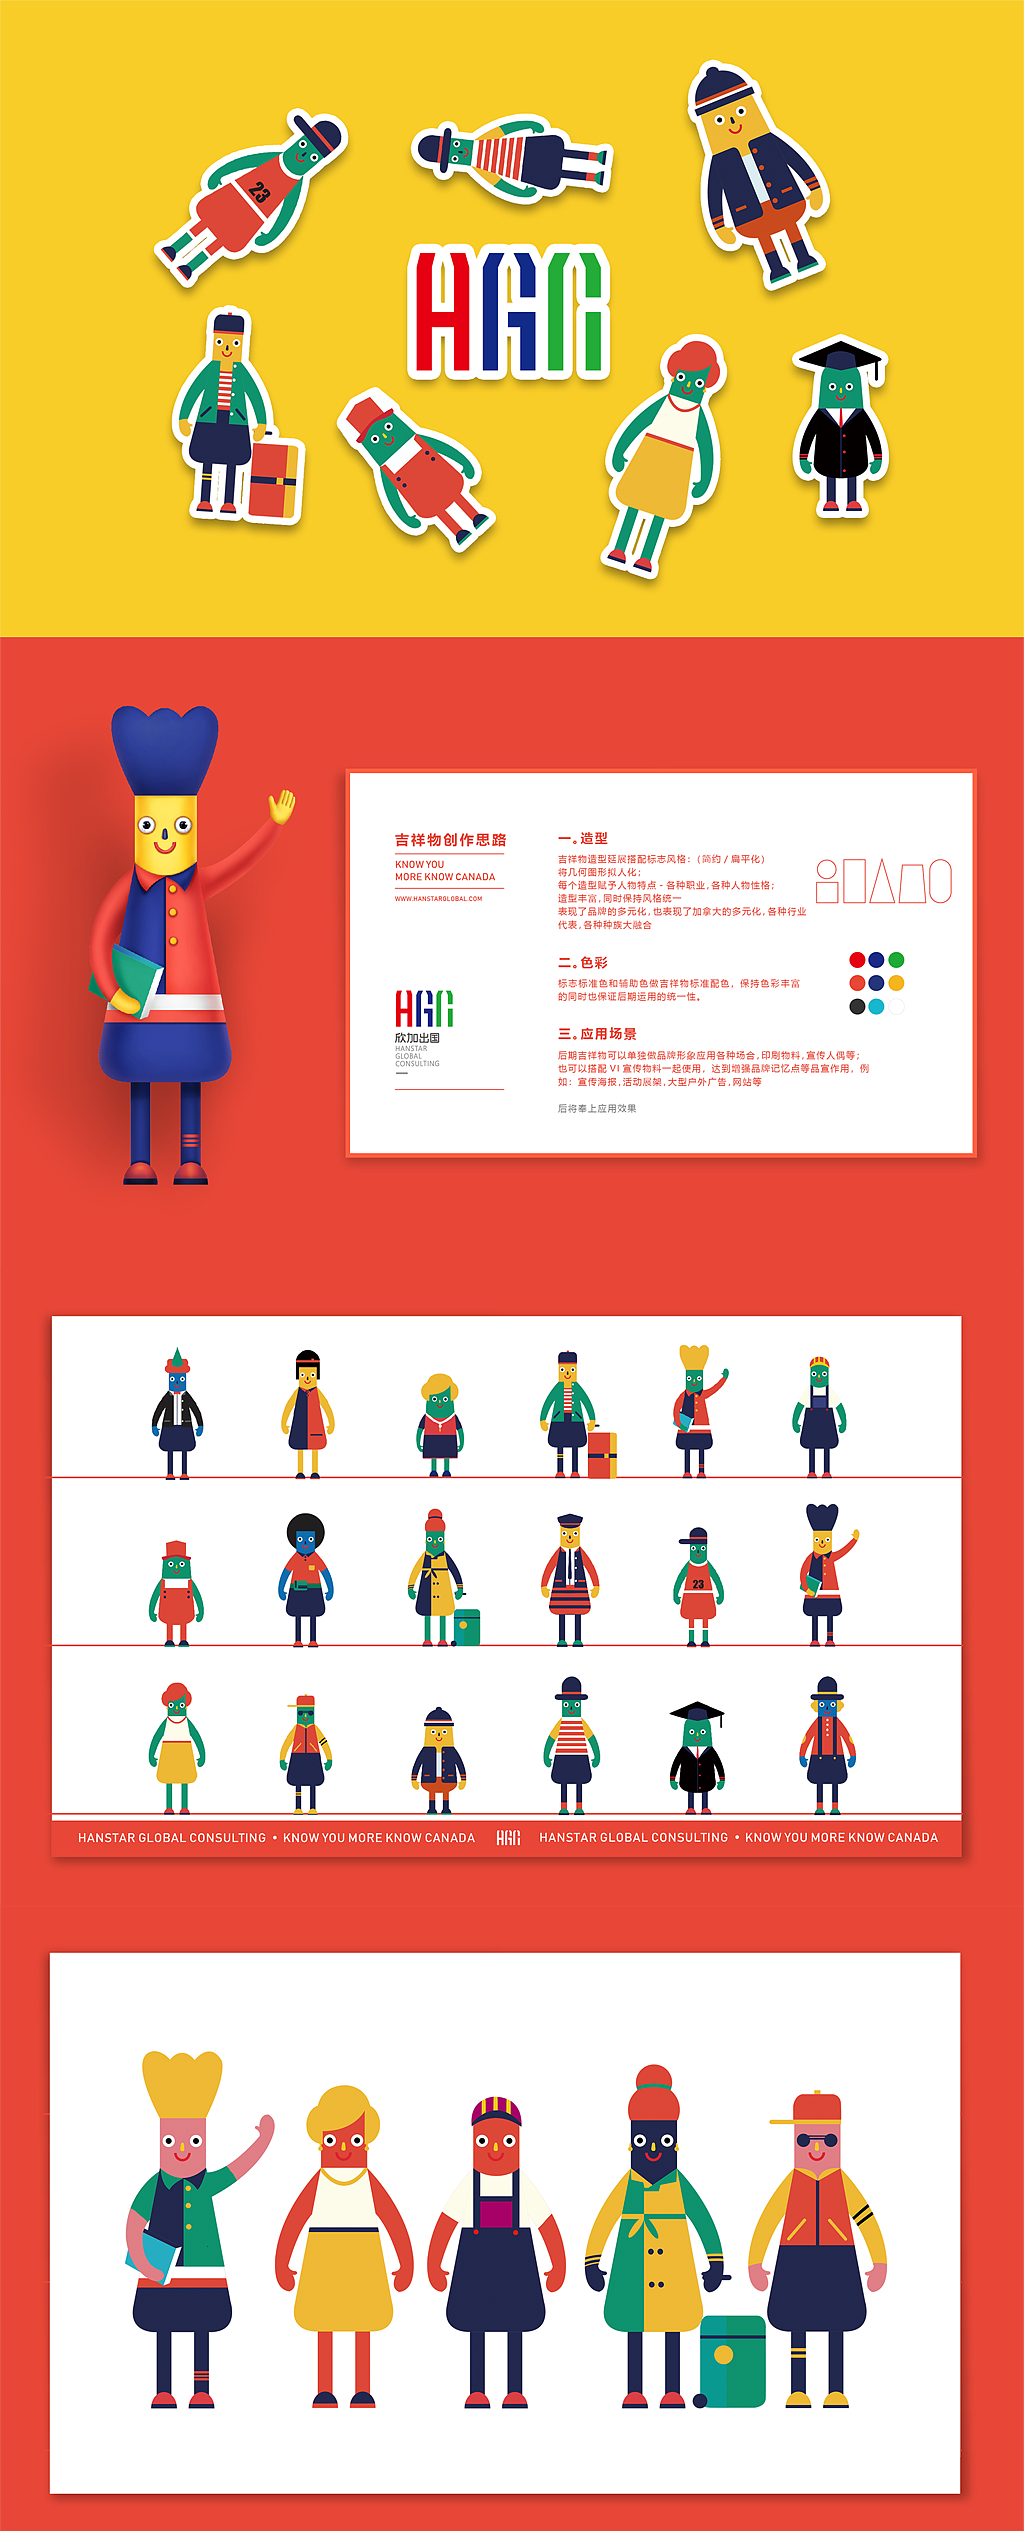 国外留学出国教育培训机构吉祥物插画设计